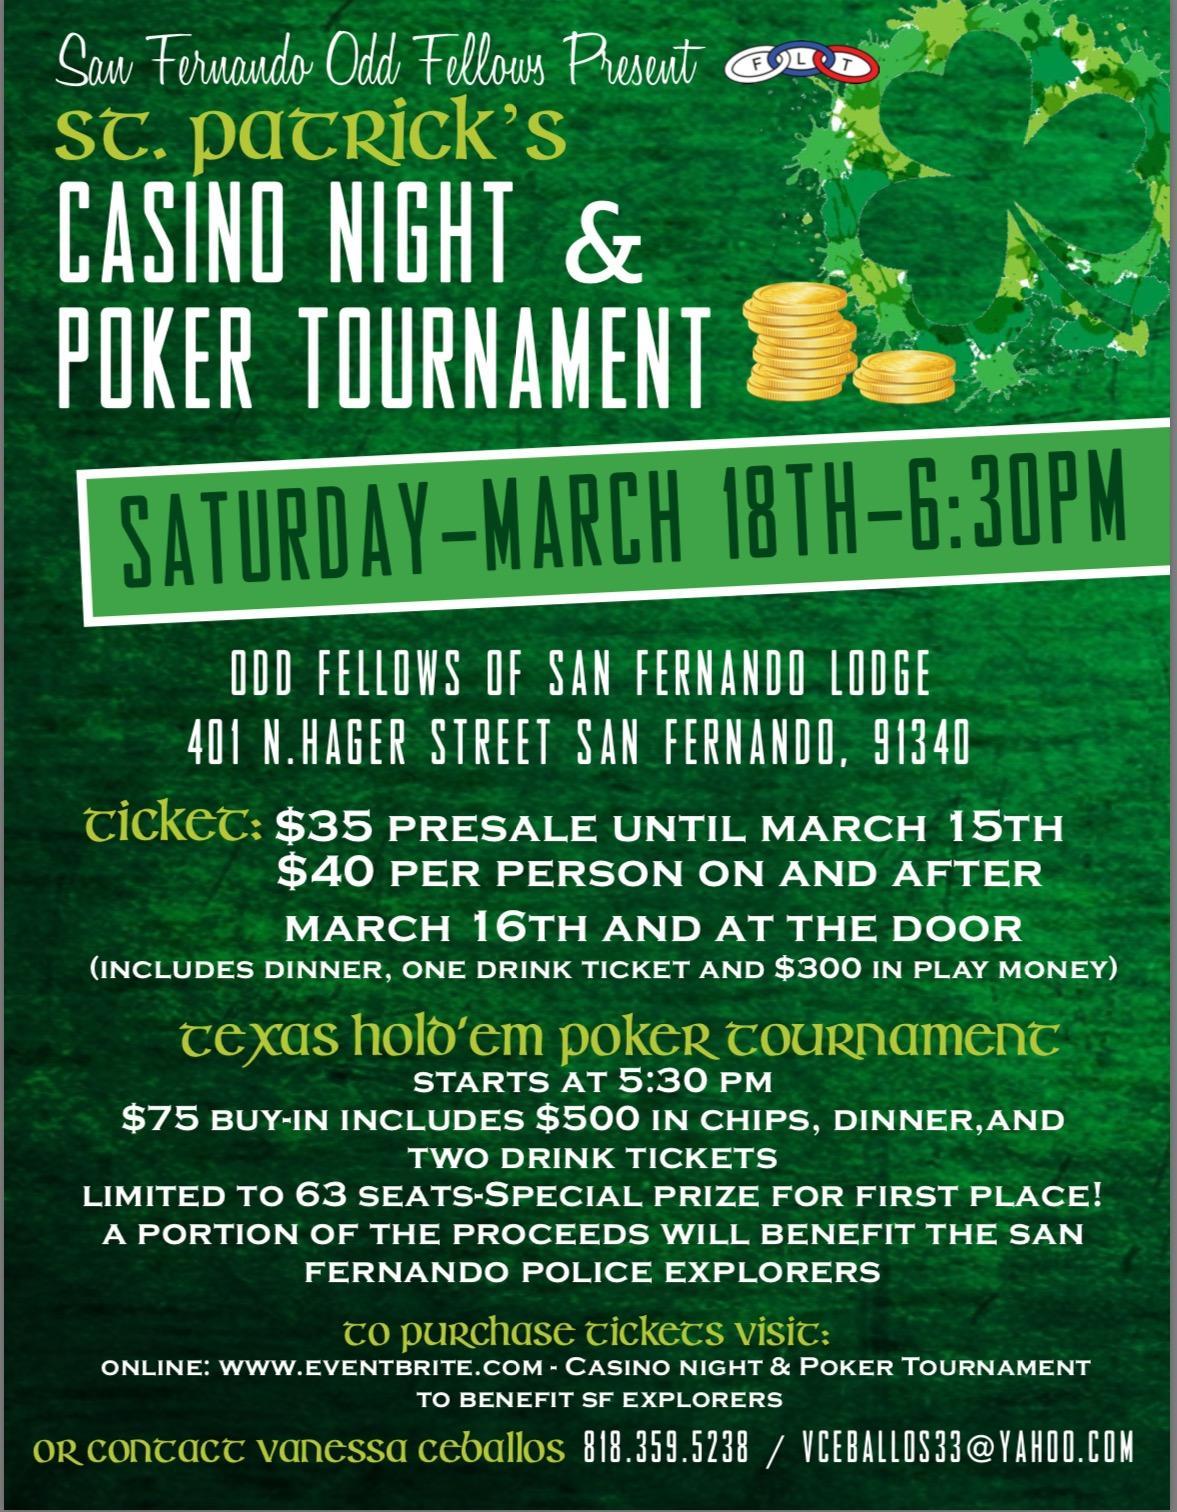 Casino Night and Poker Tournament to benefit